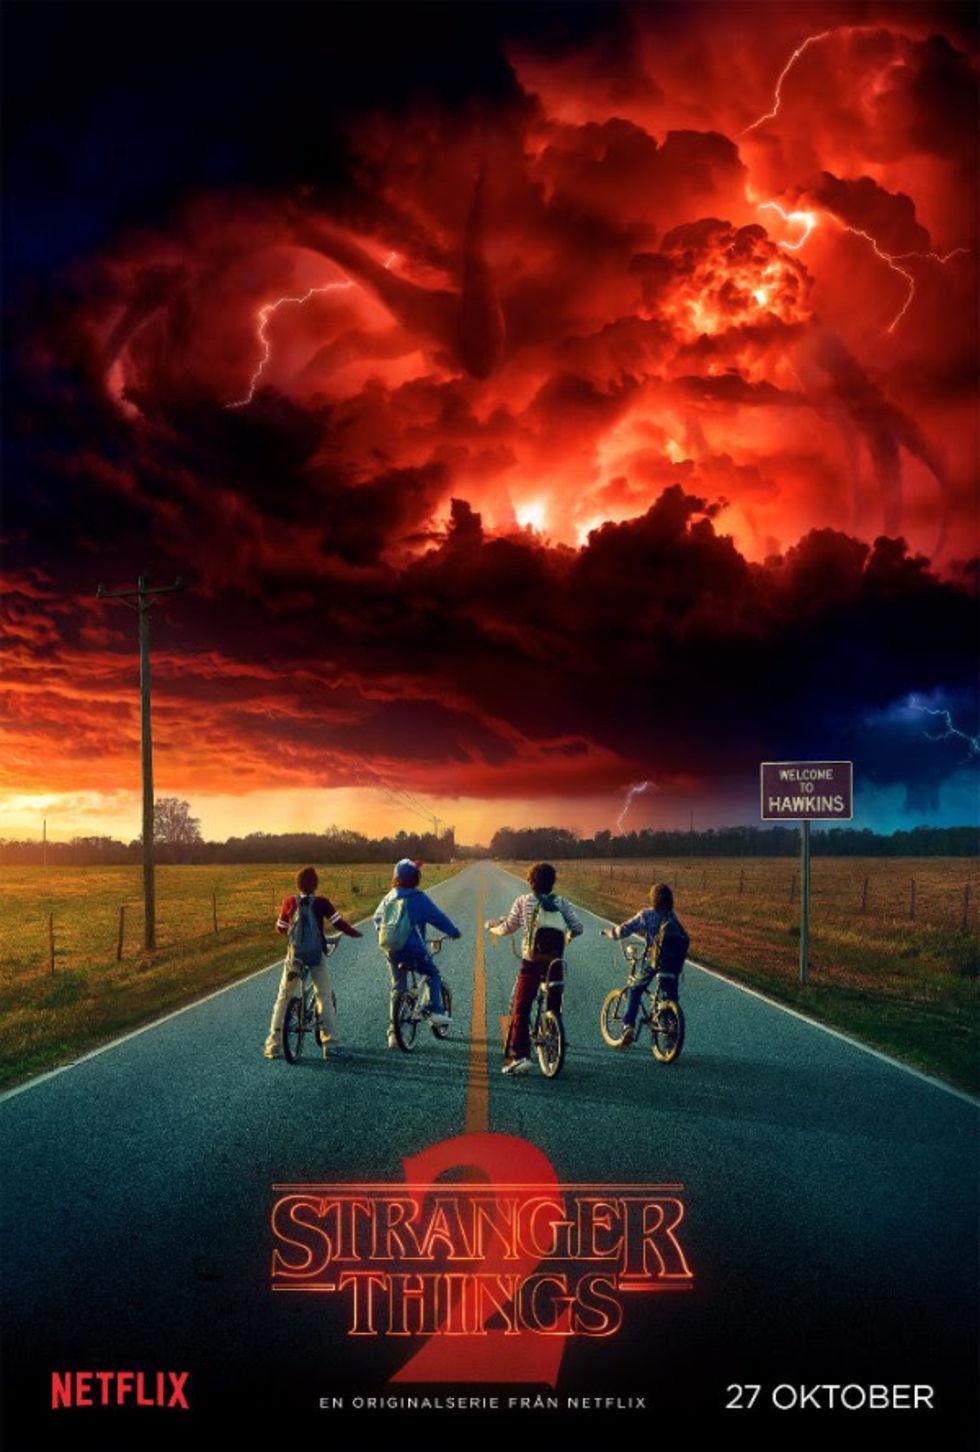 Mer Stranger Things släpps 27 oktober